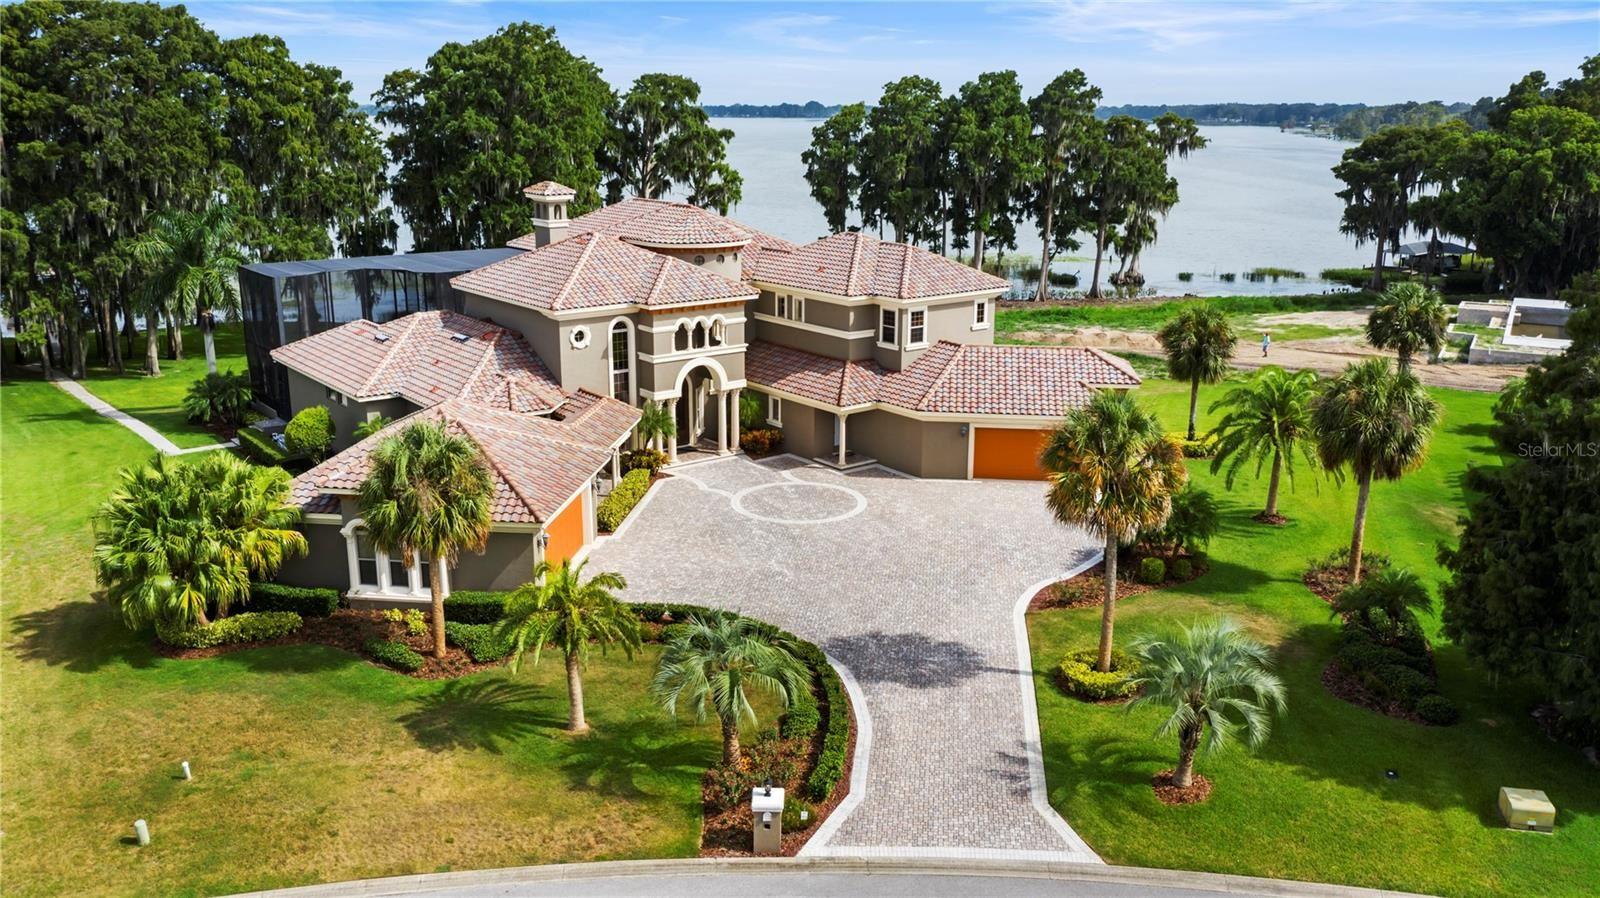 3308 EAGLES TRACE                                                                               Winter Haven                                                                      , FL - $2,450,000